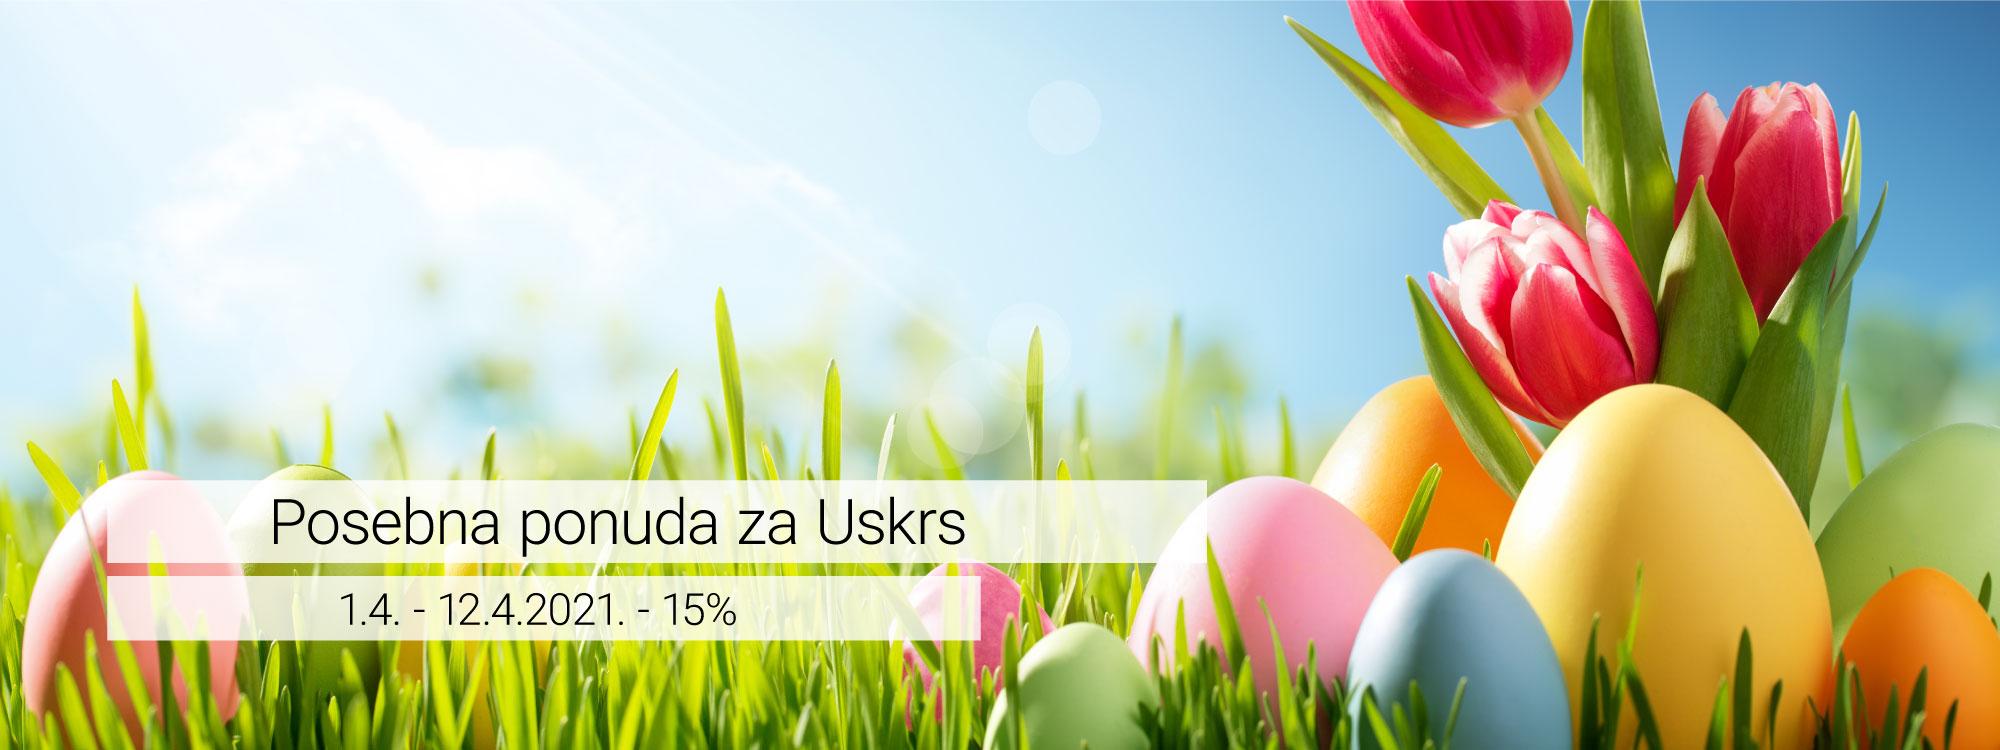 Web-slider-Easter-Labour-HR